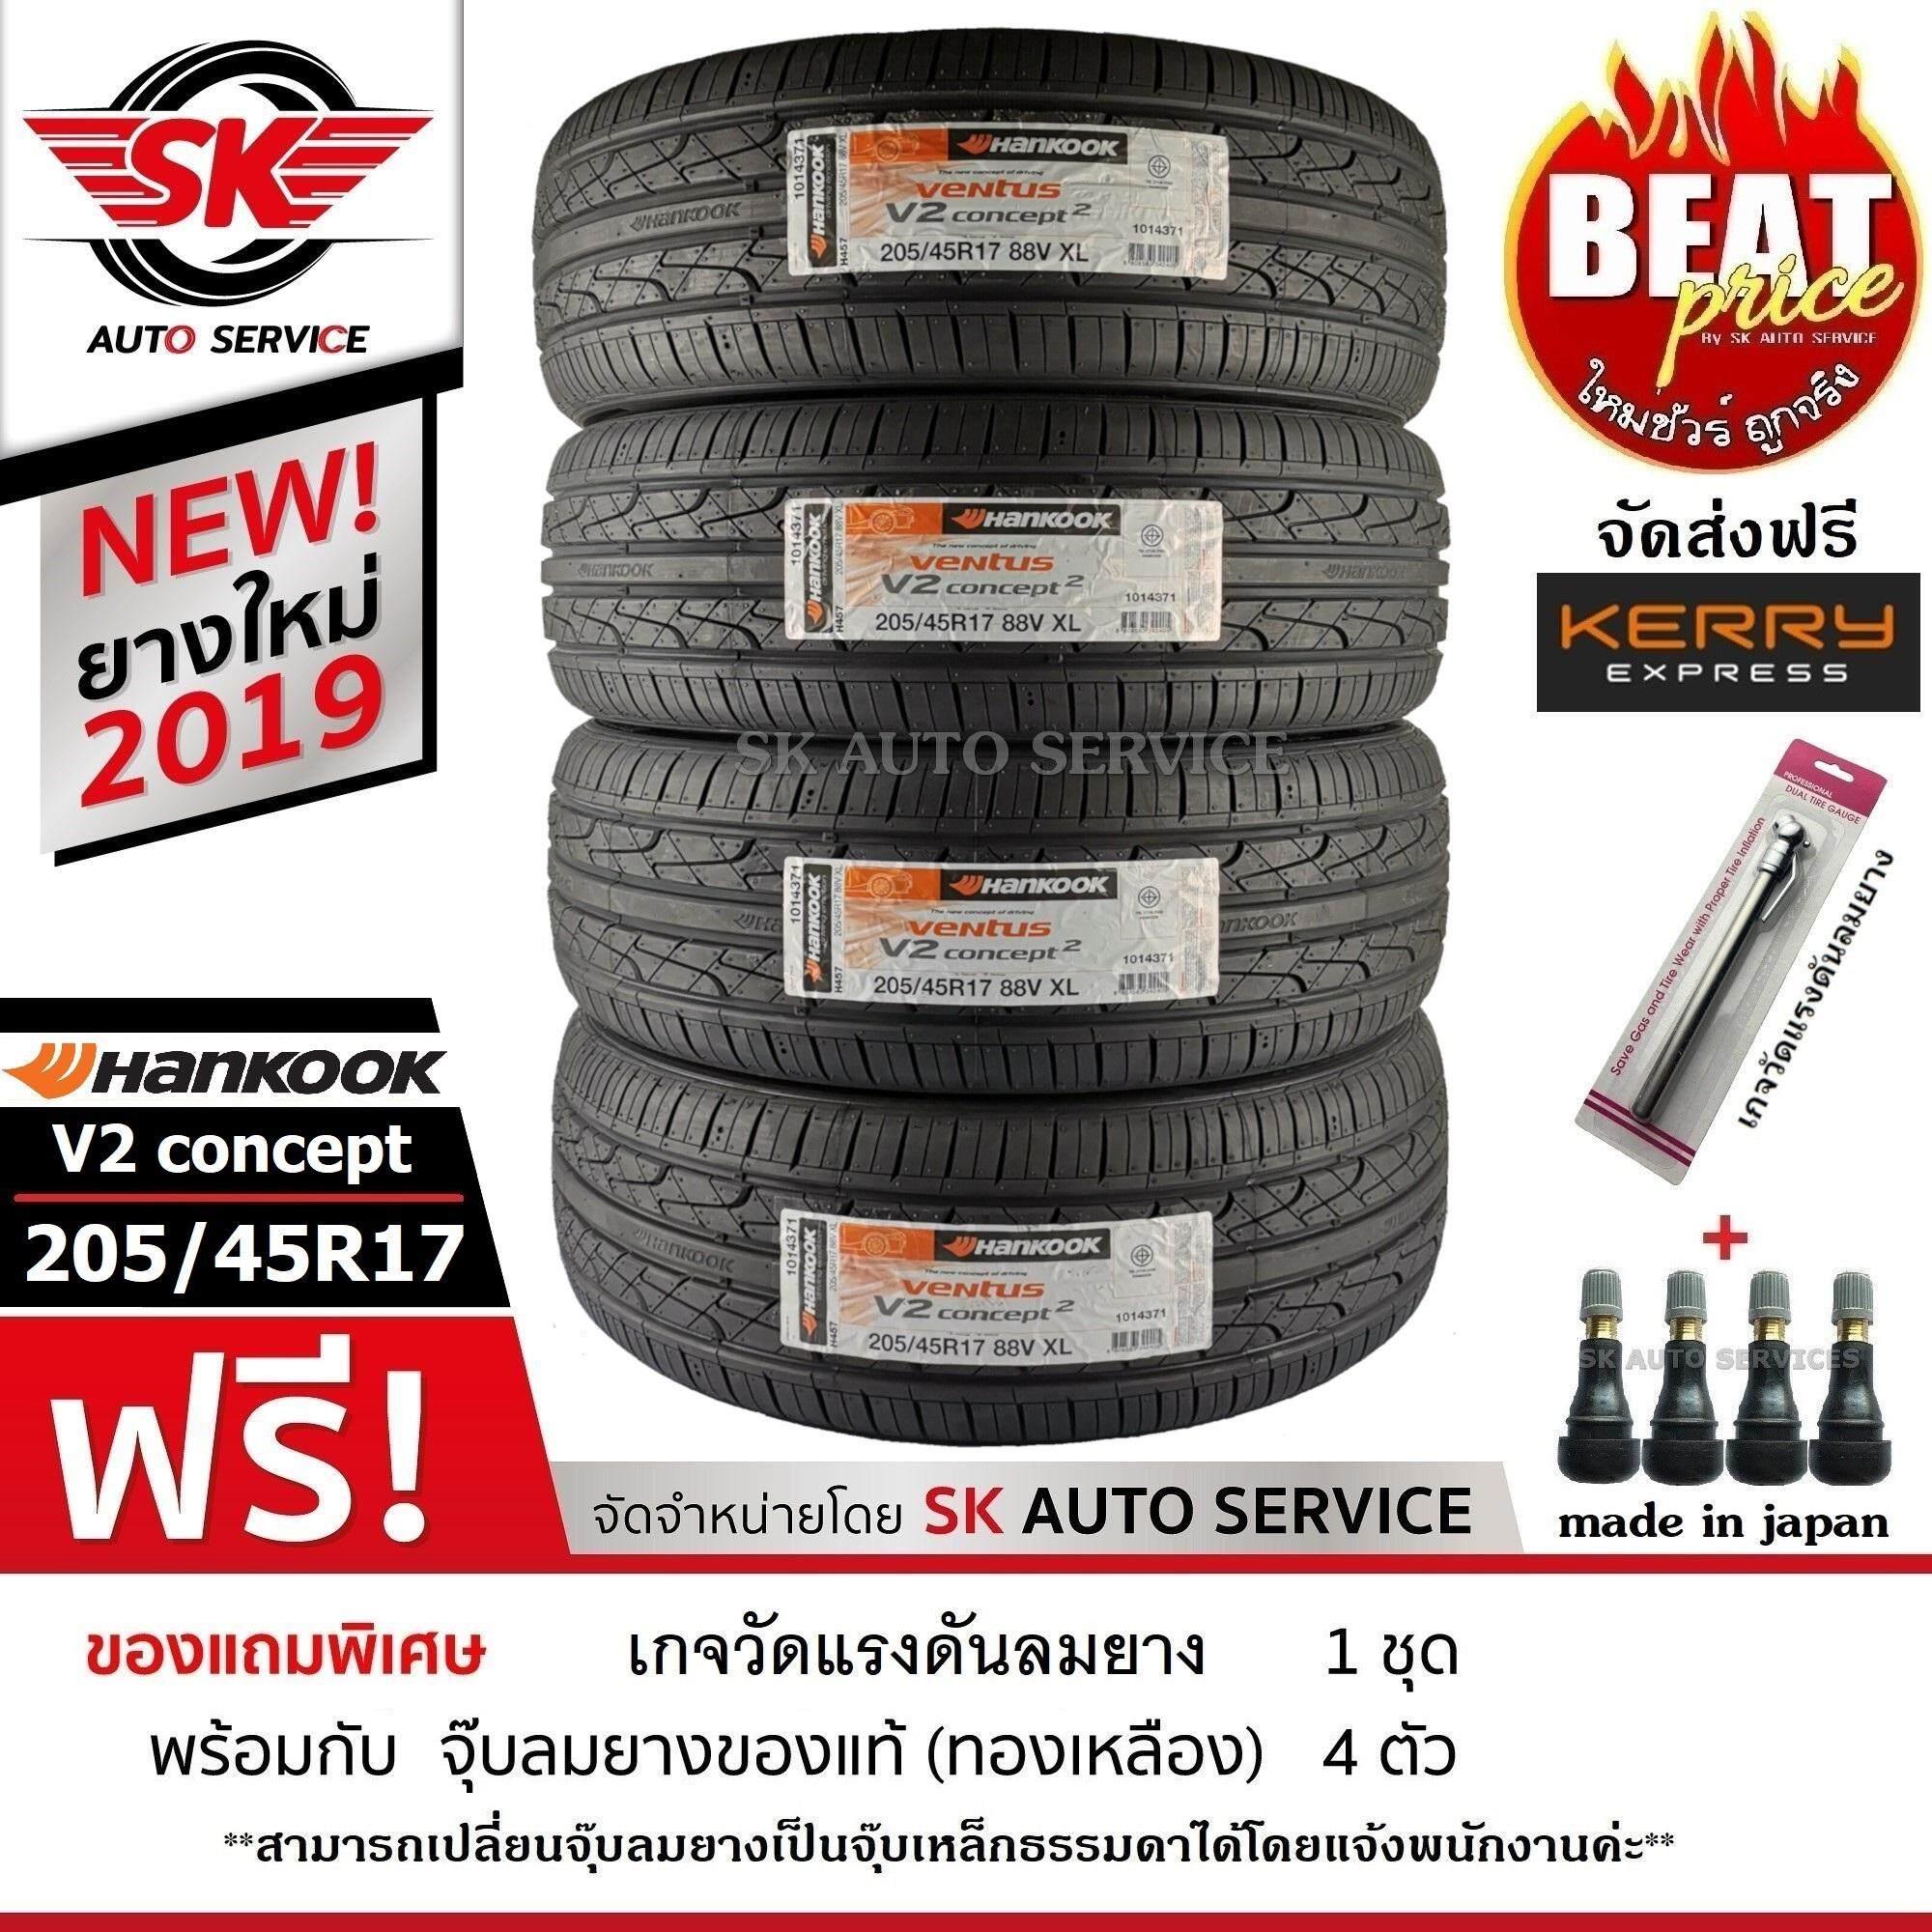 ประกันภัย รถยนต์ 2+ กาญจนบุรี HANKOOK ยางรถยนต์ 205/45R17 (ล้อขอบ17) รุ่น Ventus V2 4 เส้น(ยางใหม่ปี 2019)